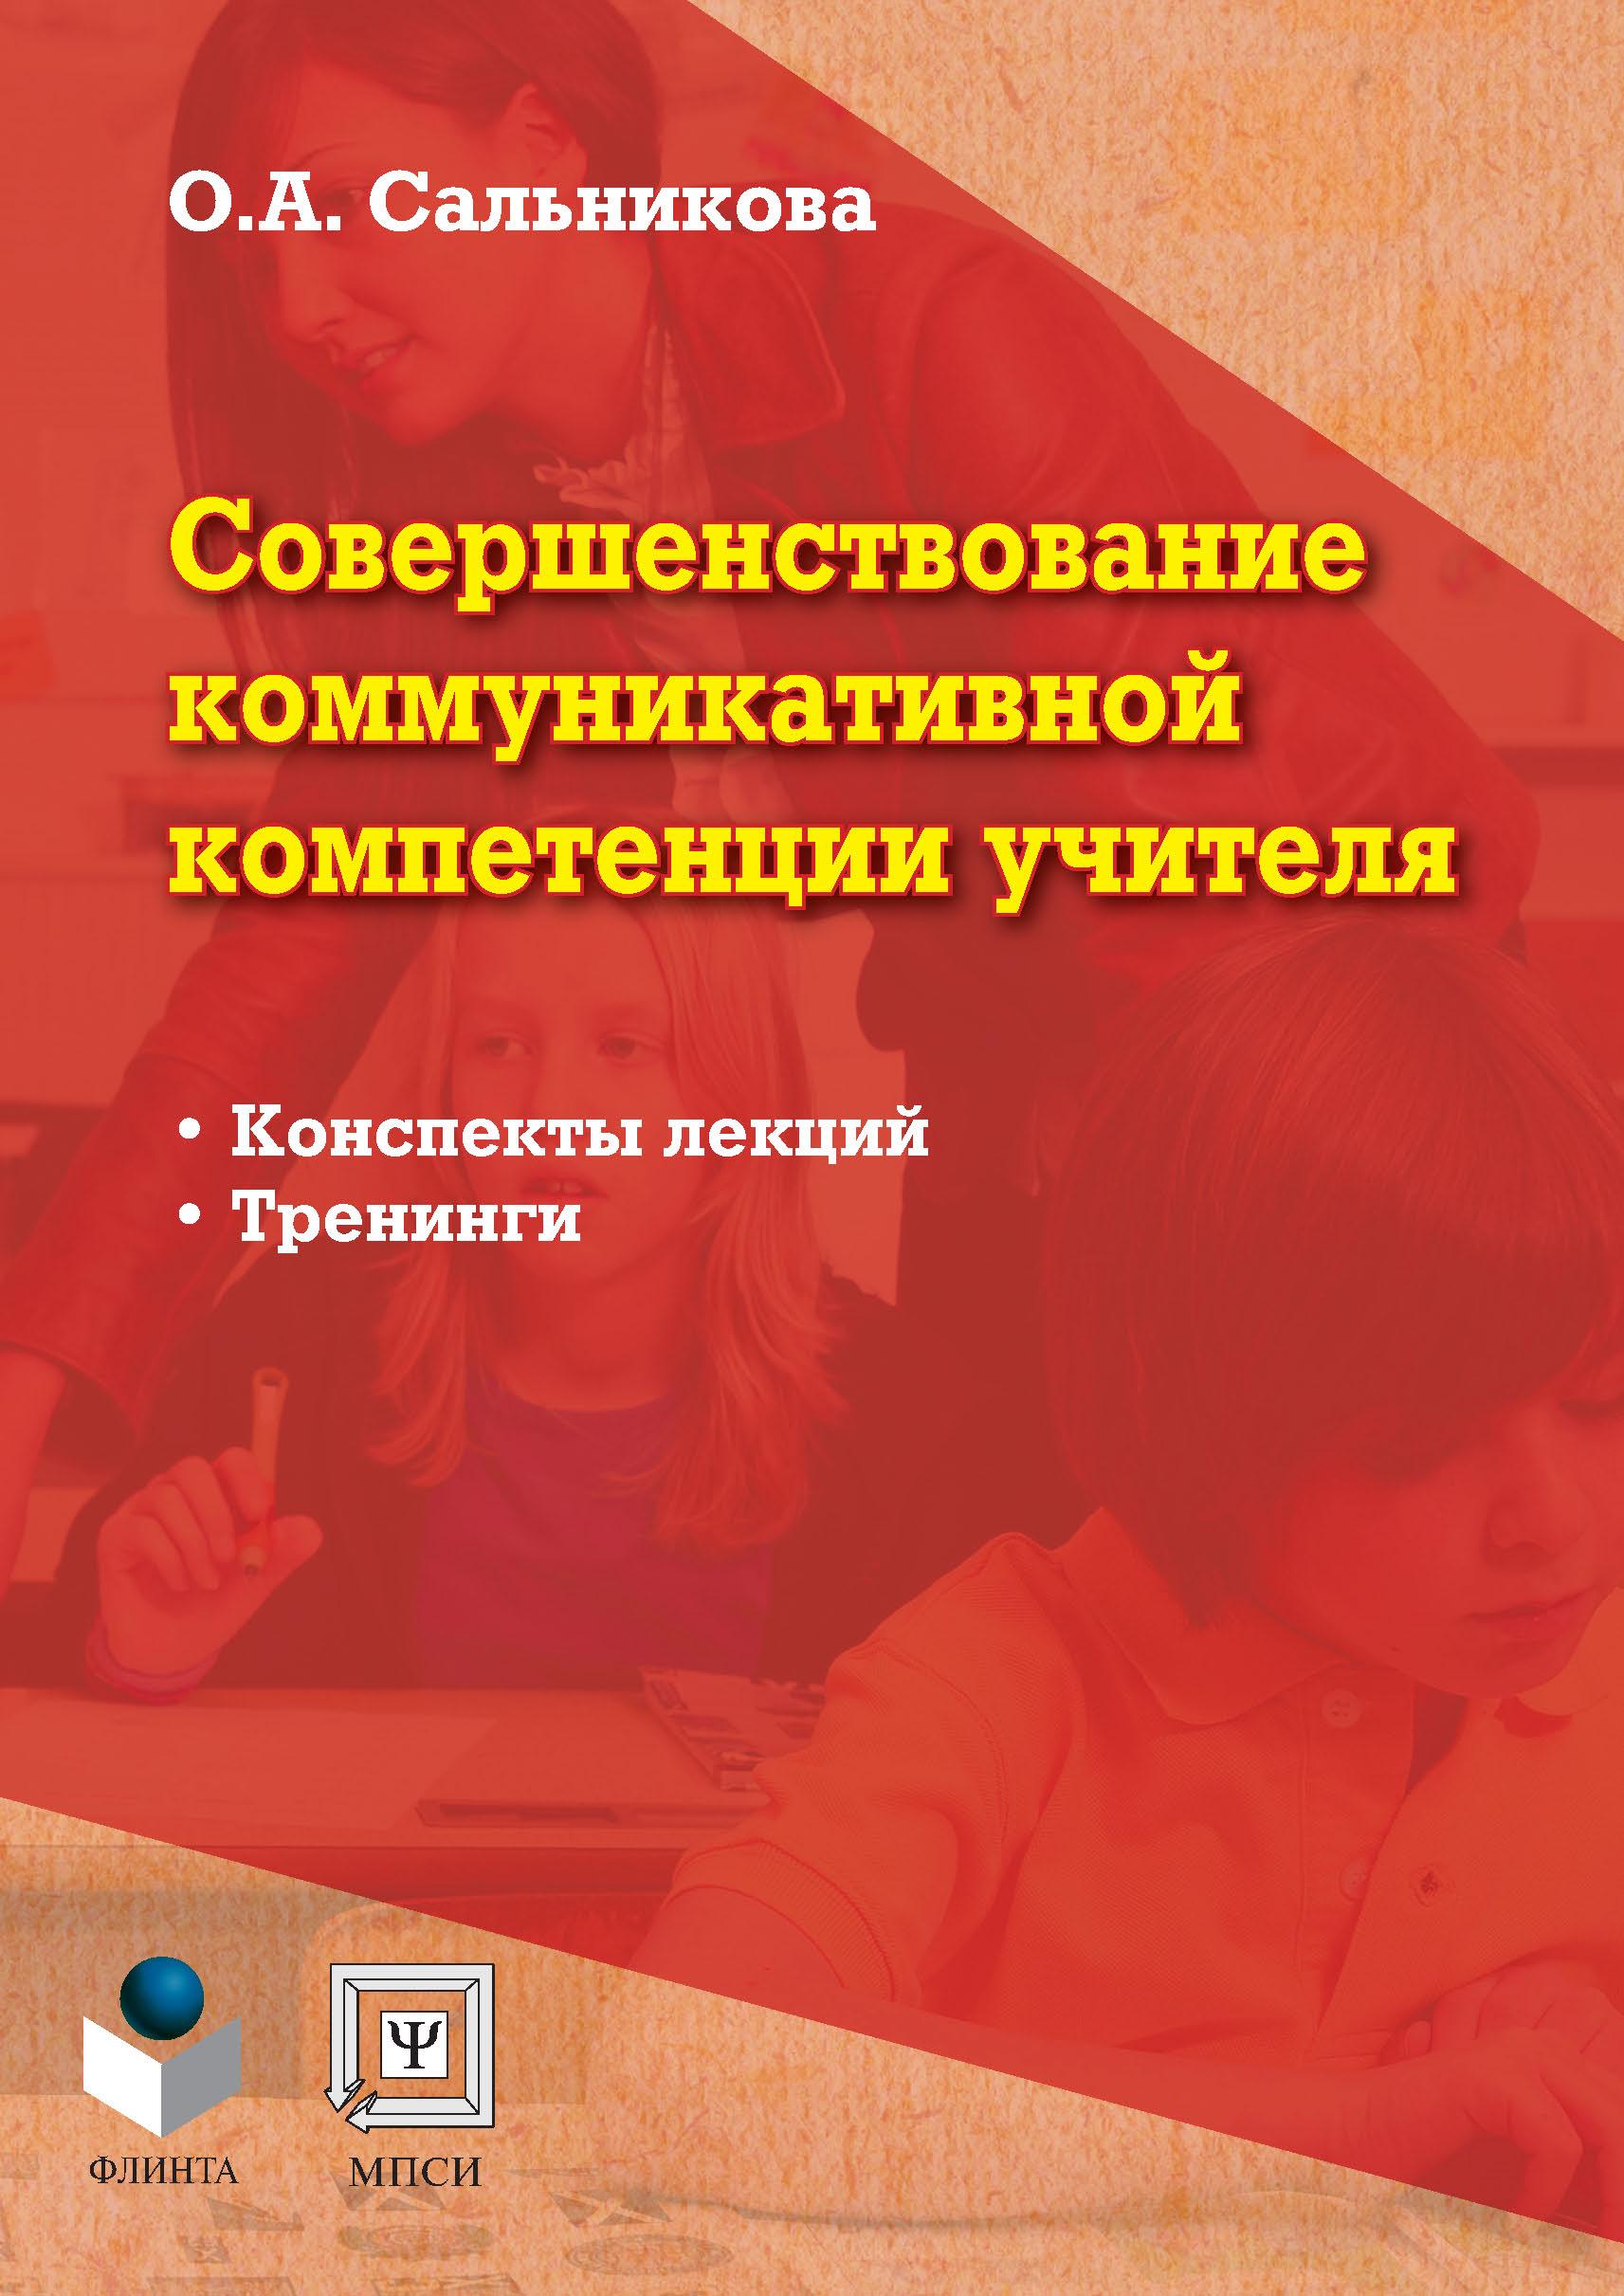 Совершенствование коммуникативной компетенции учителя. Конспекты лекций, тренинги